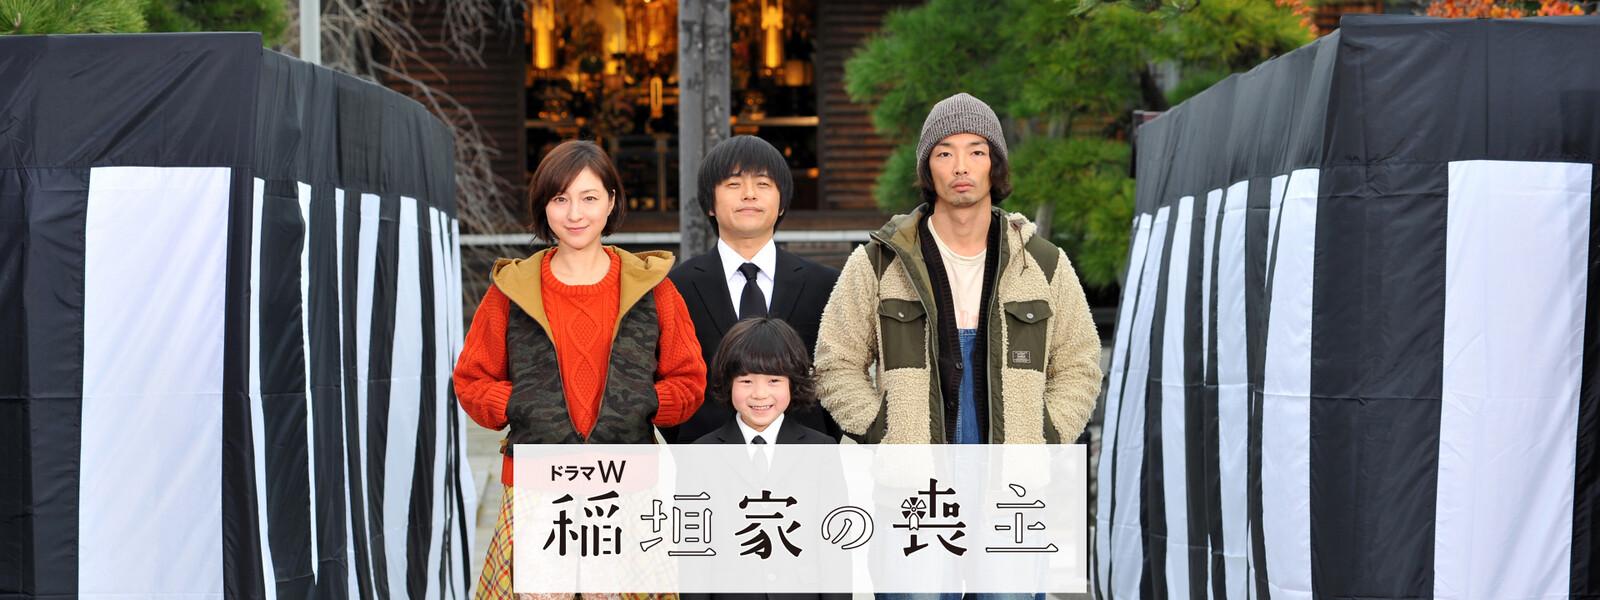 ドラマW 稲垣家の喪主の動画 - 連続ドラマW バイバイ、ブラックバード